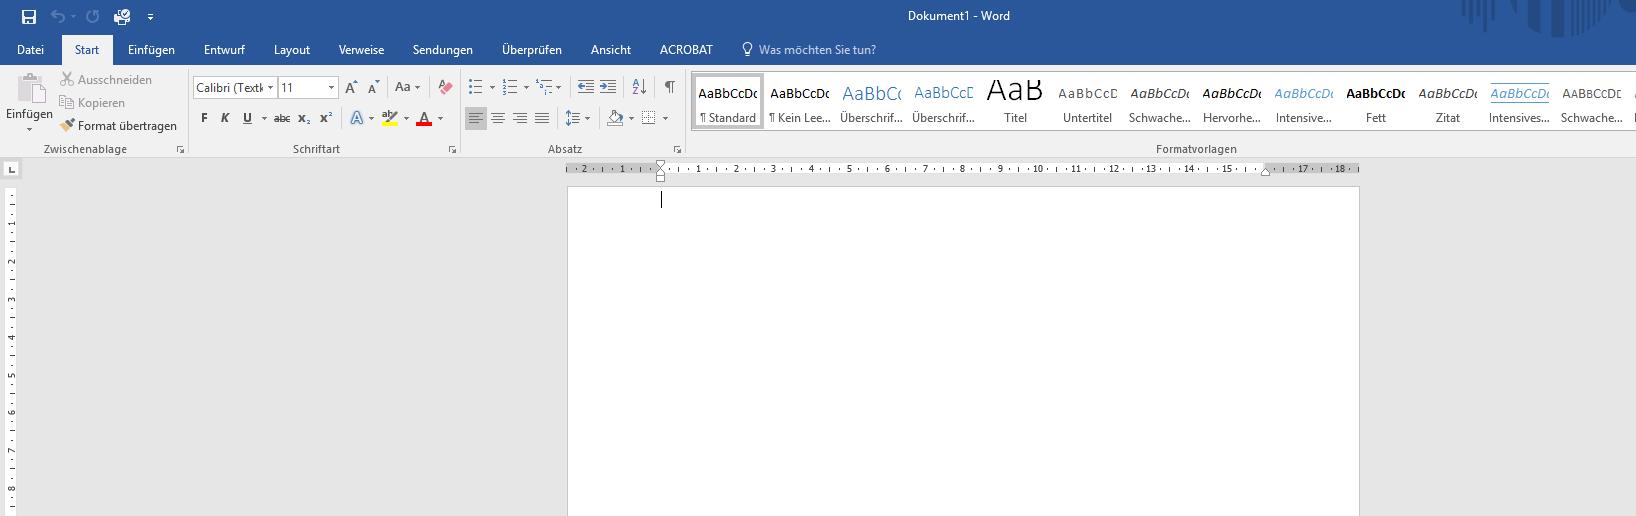 Charmant Schreiben Sie Lebenslauf Microsoft Word 2010 Ideen - Entry ...